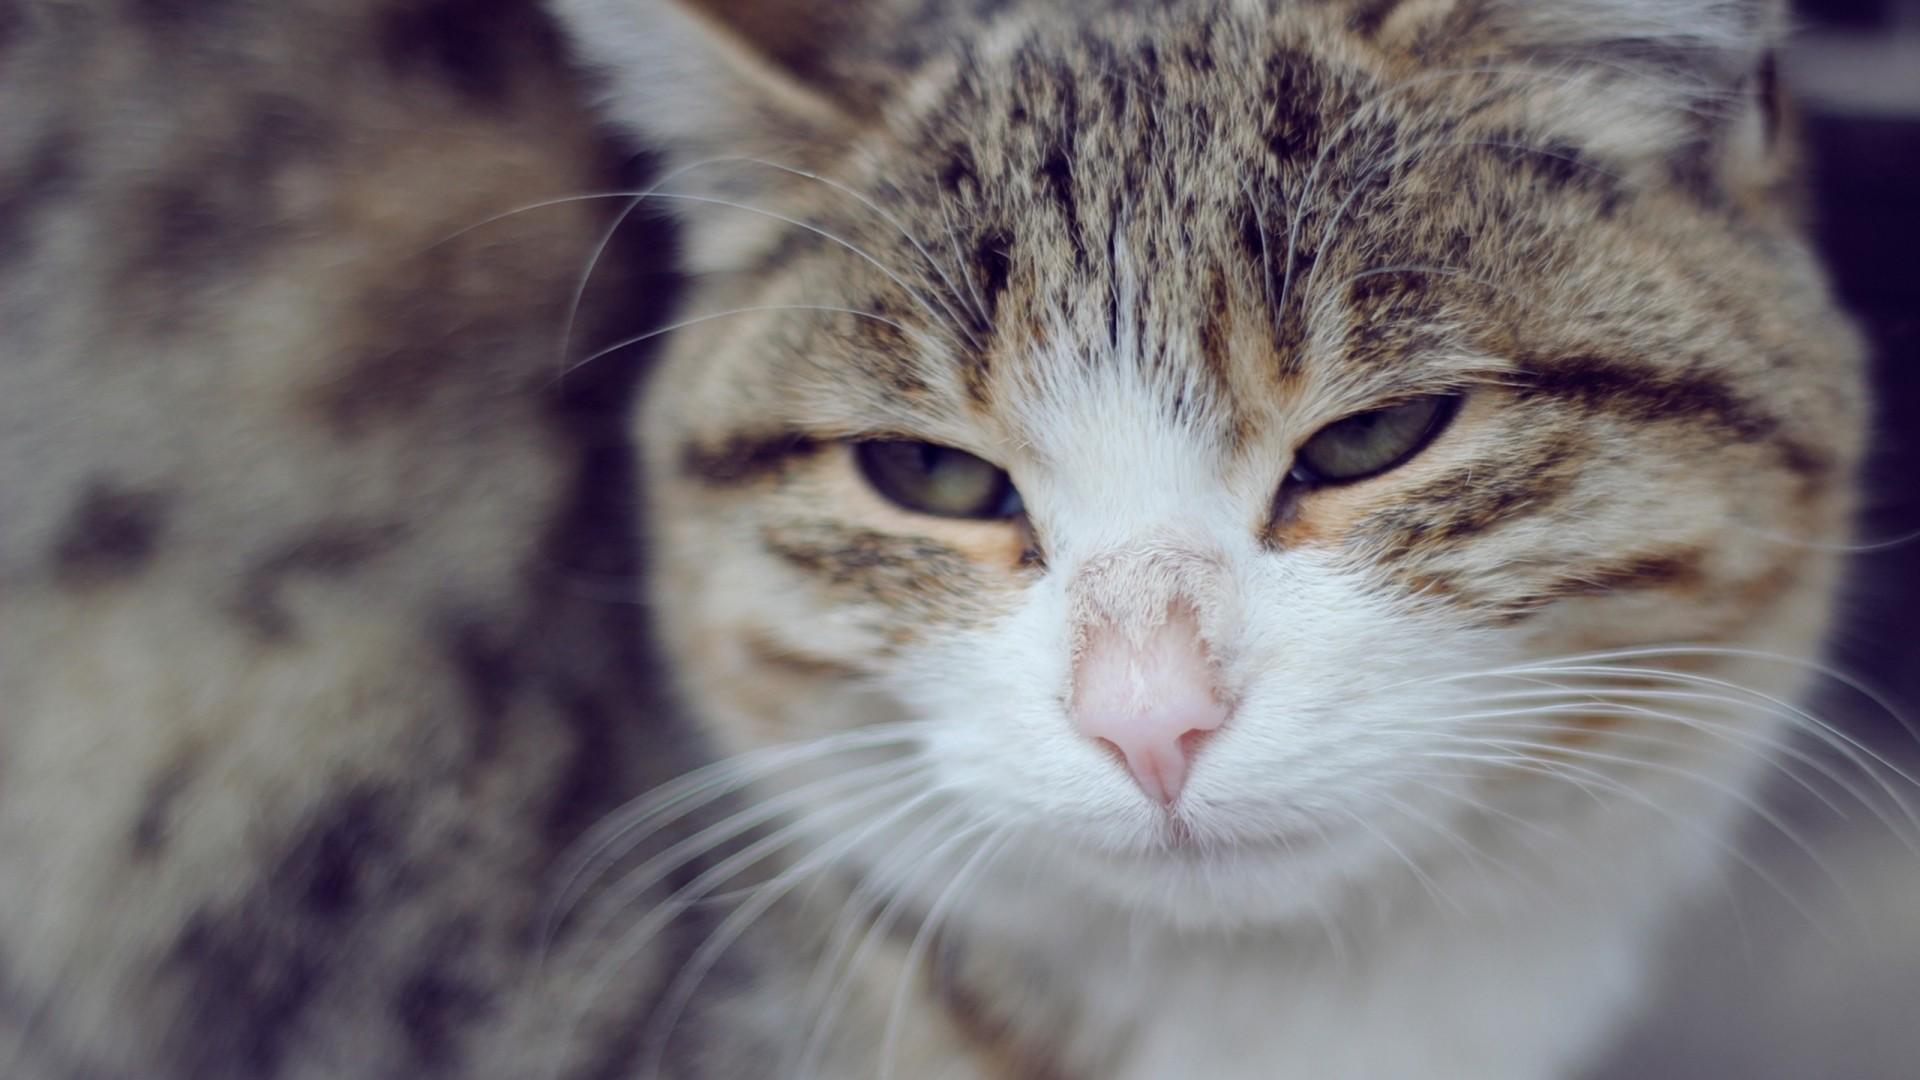 Wallpaper cat, sad, face, squint